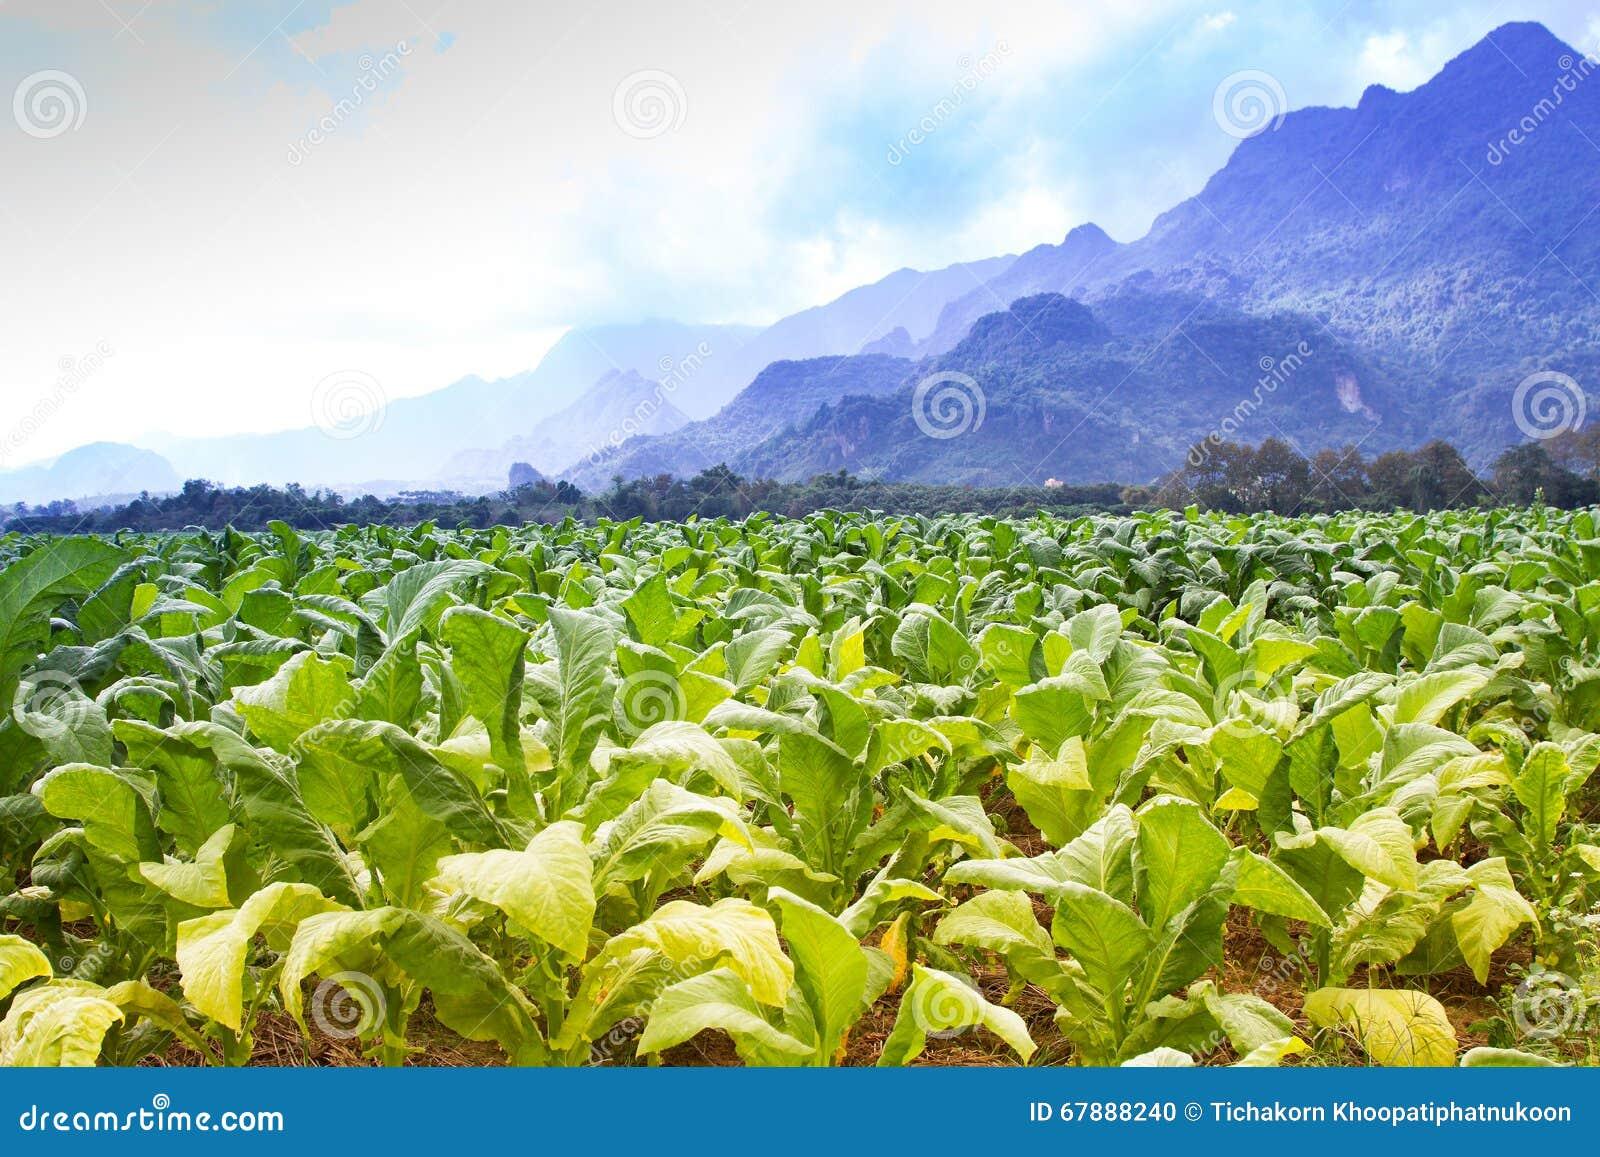 烟草田种植园在蓝天下